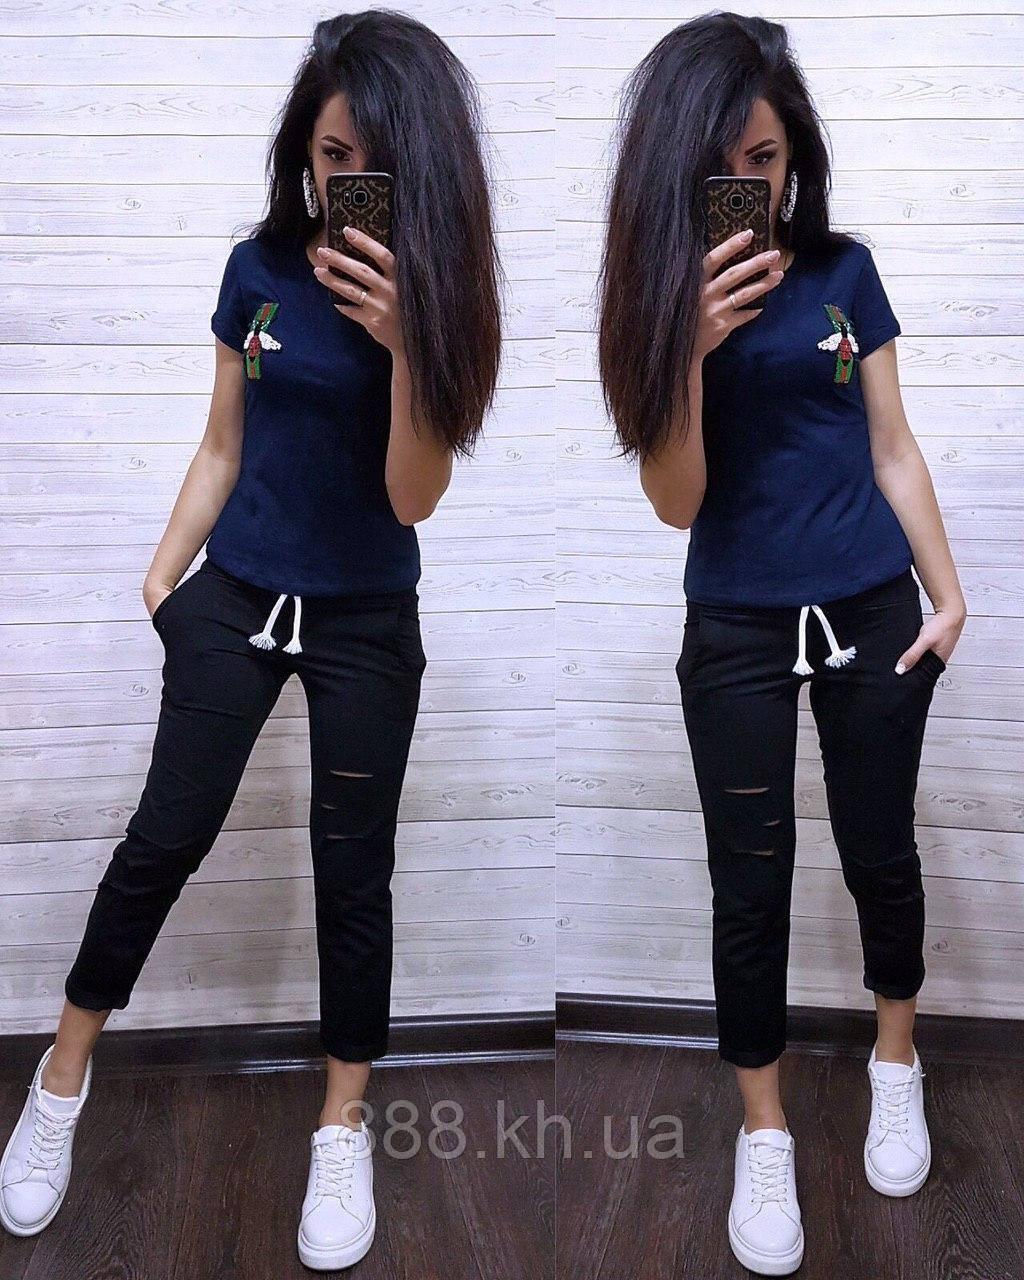 Стильная женская футболка Gucci S/M/L/XL